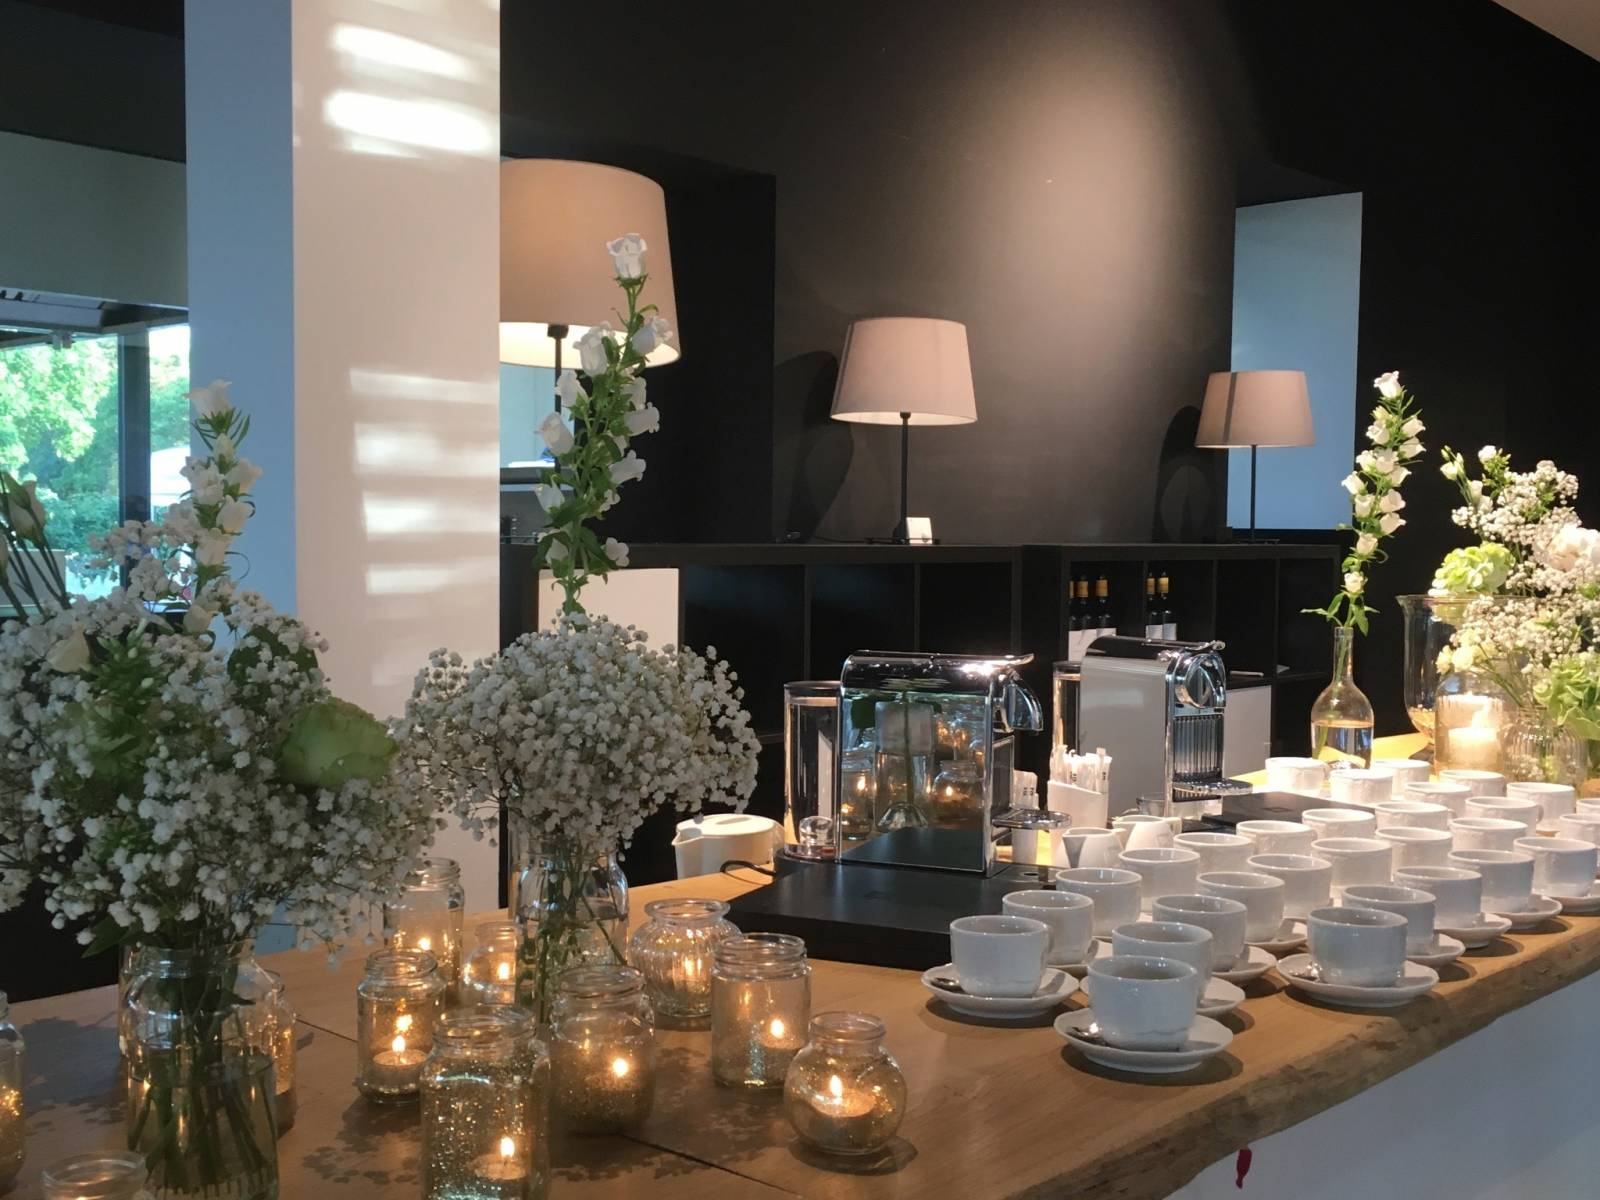 KAS Kunst aan de Stroom - Feestlocatie - Eventlocatie - Feestzaal - House of Events & House of Weddings - 5